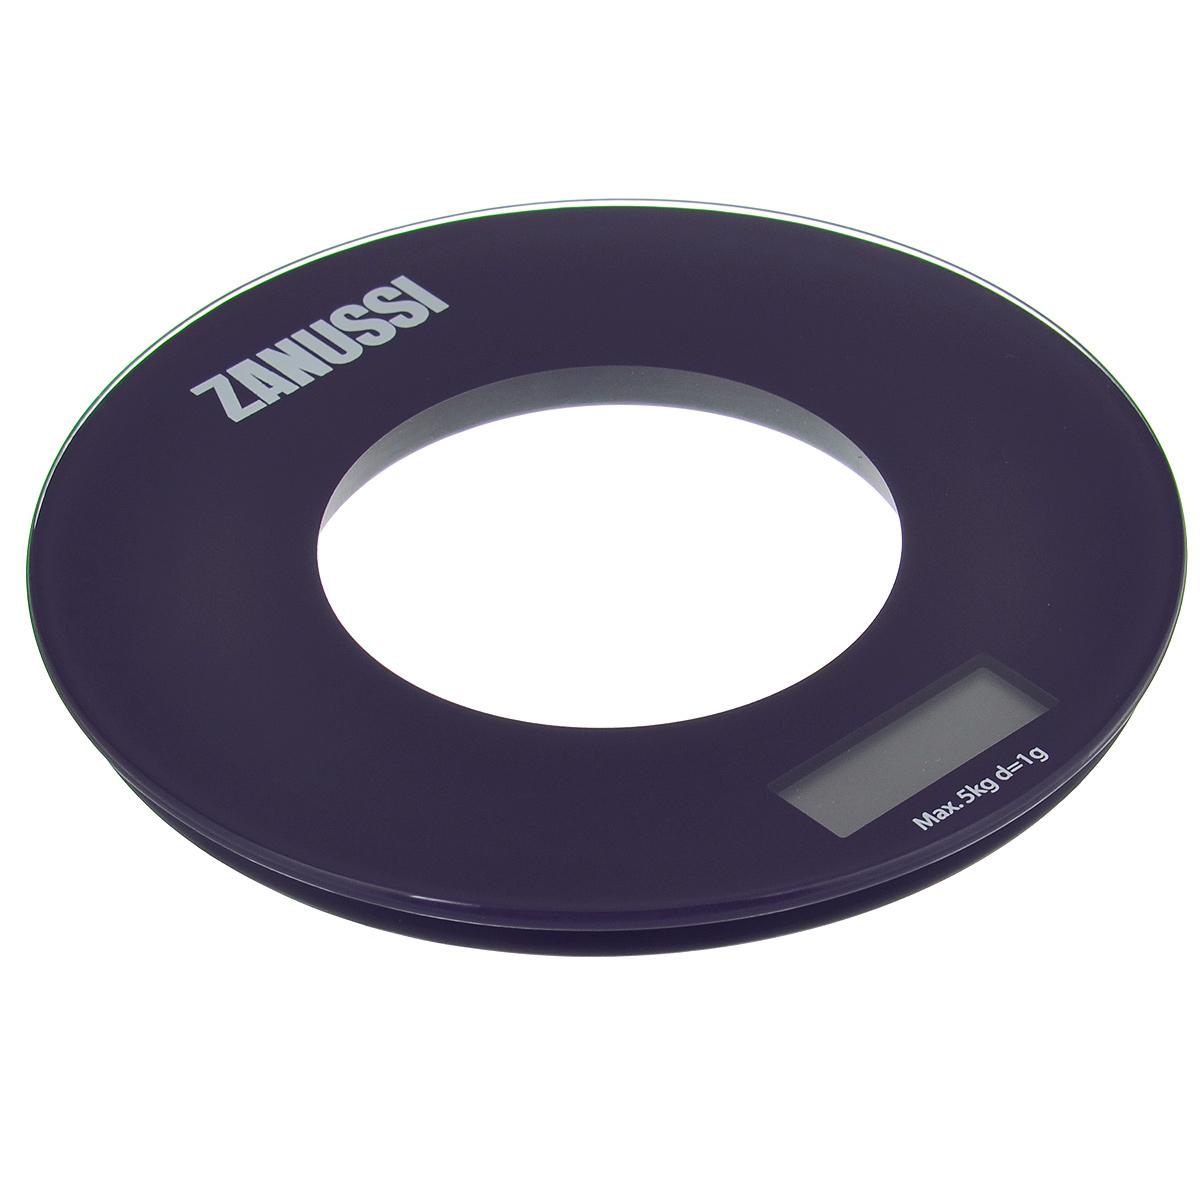 Весы кухонные Zanussi  Bologna , электронные, цвет: фиолетовый, до 5 кг - Кухонные весы